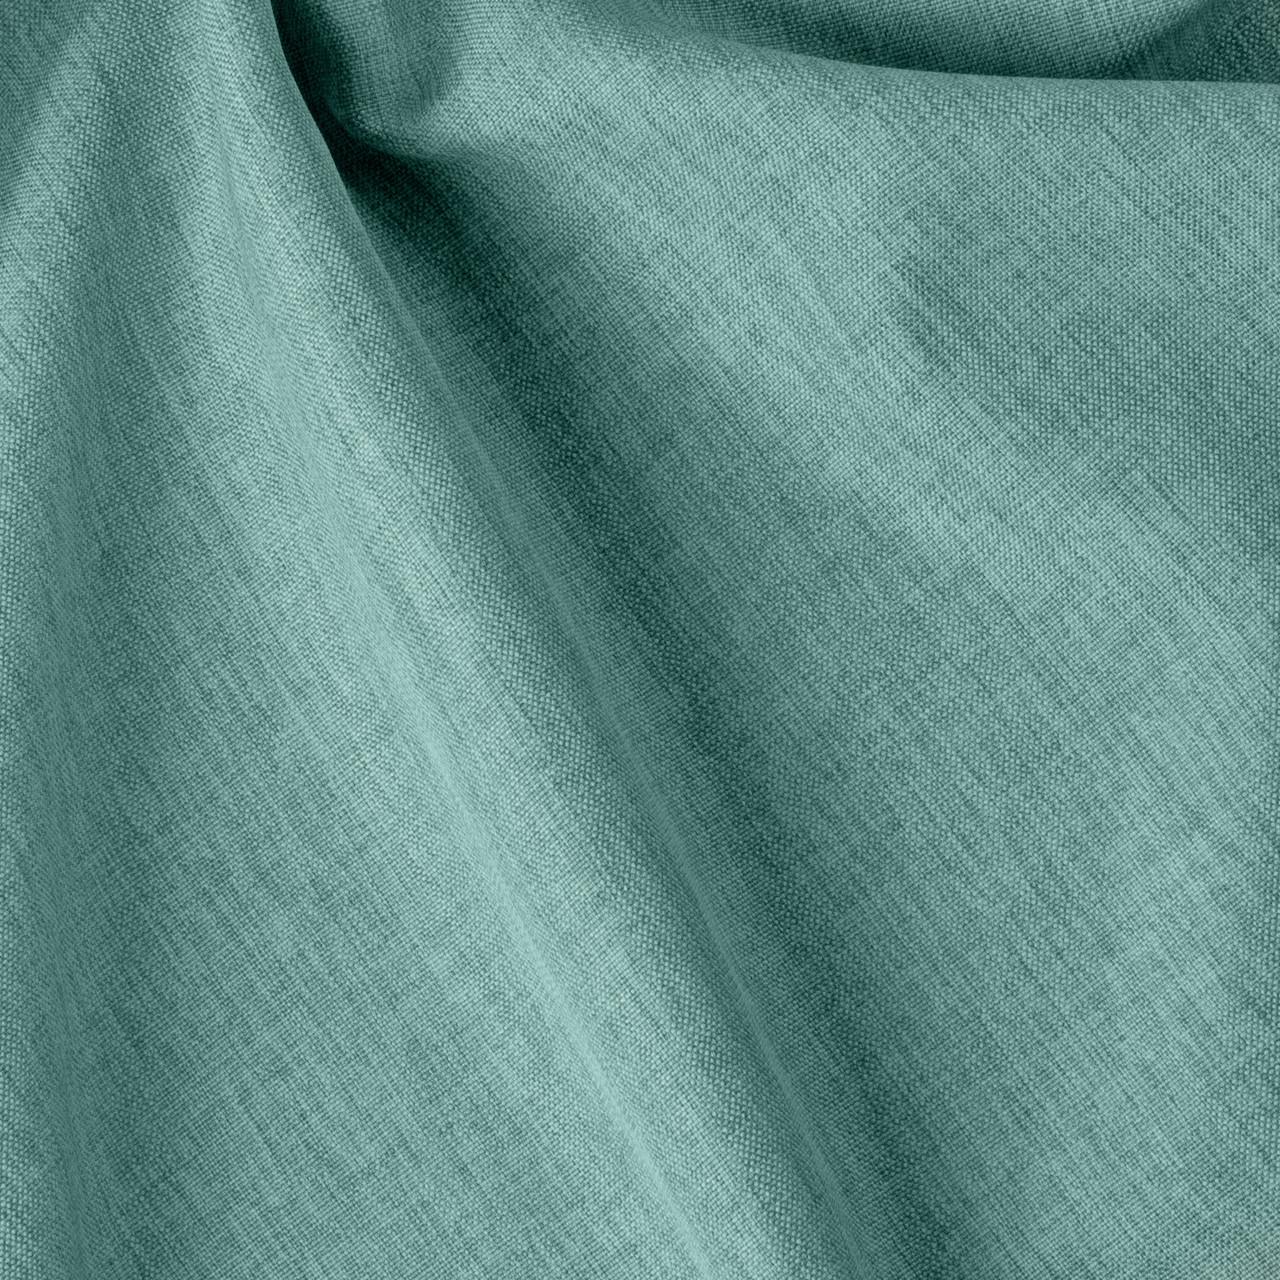 Декоративная однотонная ткань голубого цвета Турция 84466v21